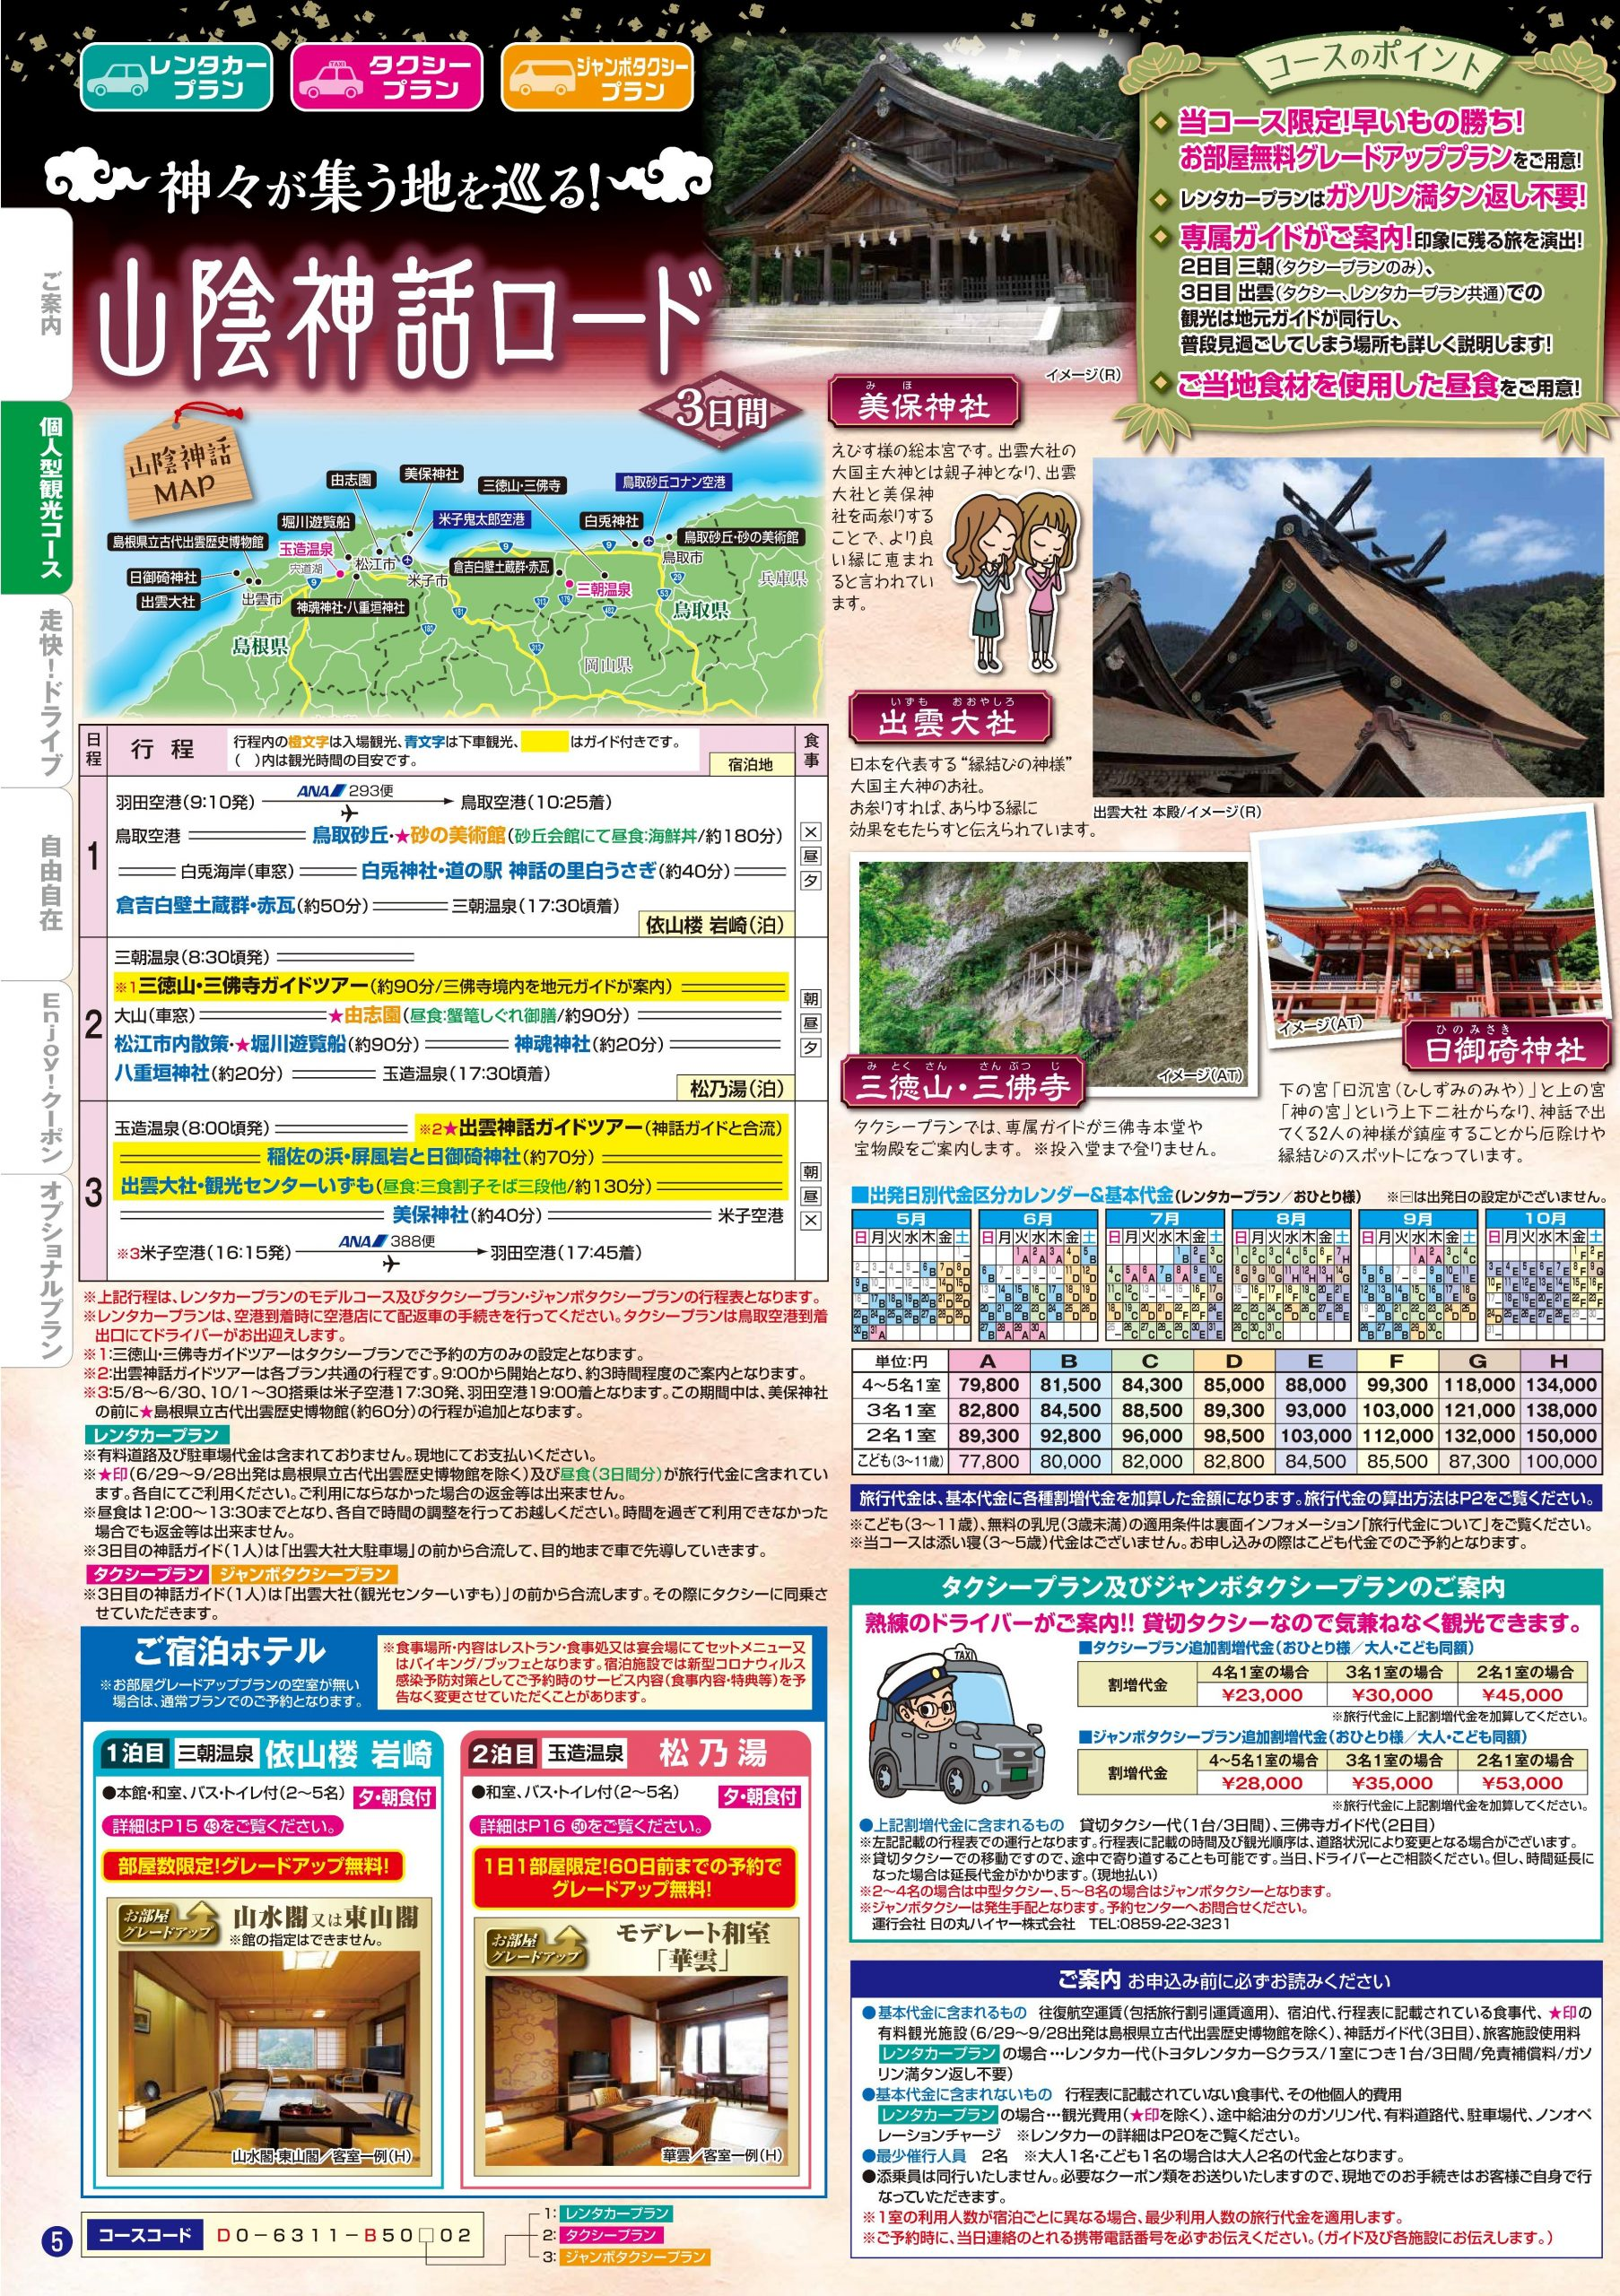 夏のおすすめツアー①山陰